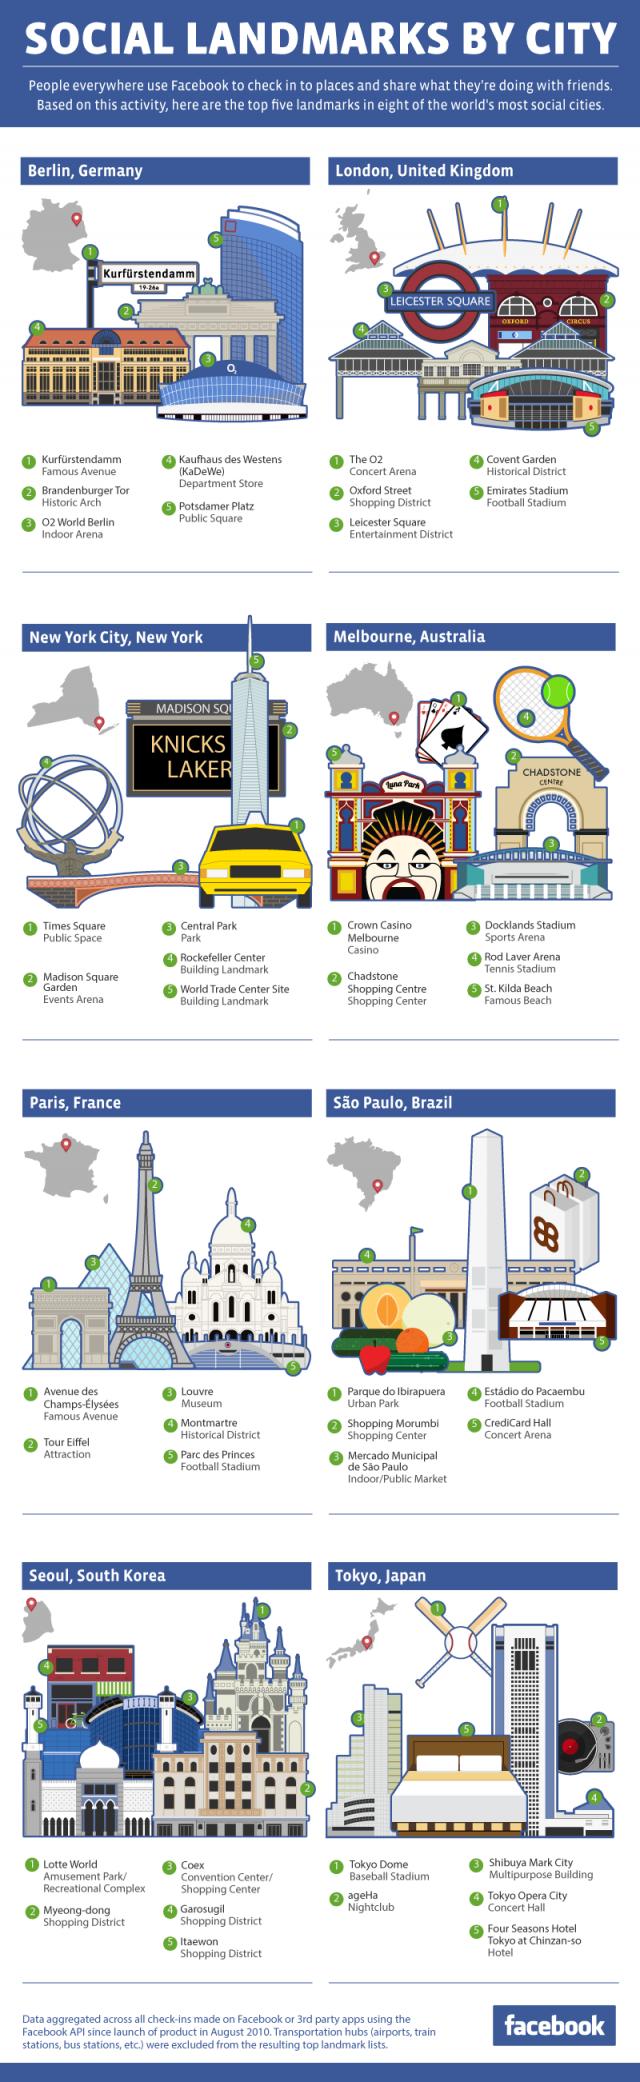 Facebook : Check-in dans les lieux de villes célèbres